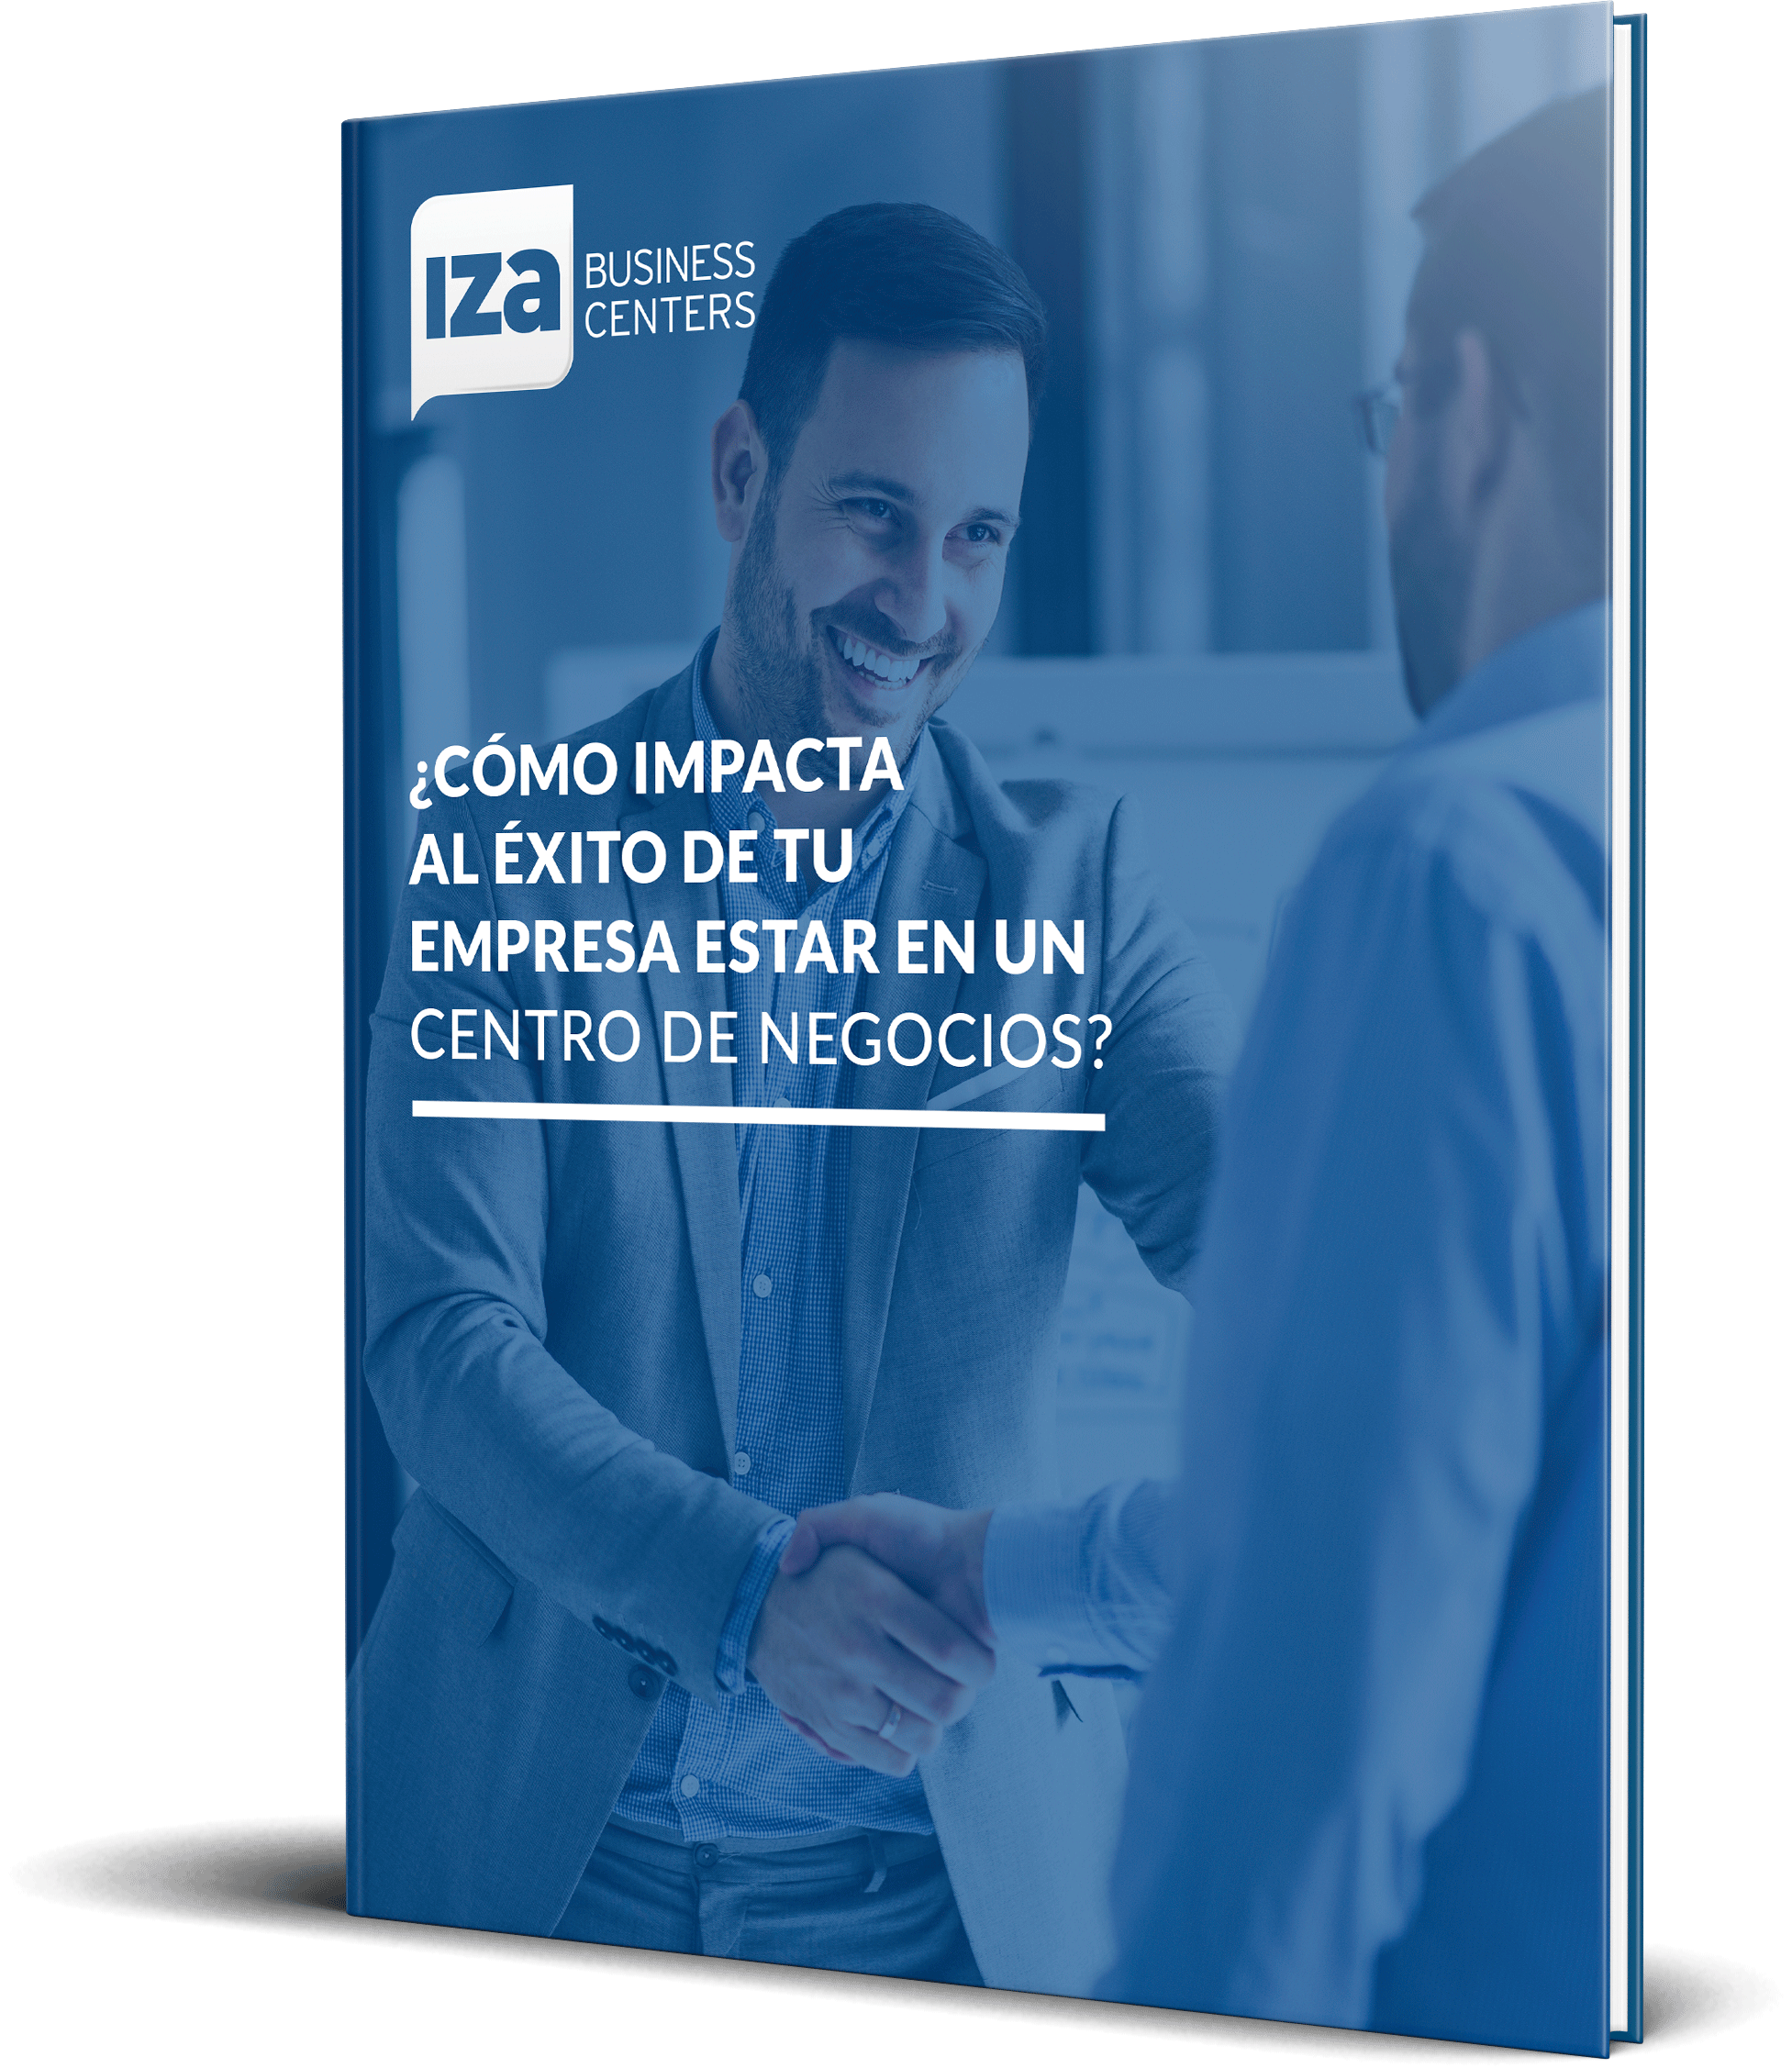 Mockup-iza-como-impacta-al-exito-de-tu-empresa-estar-en-un-centro-de negocios-eBook